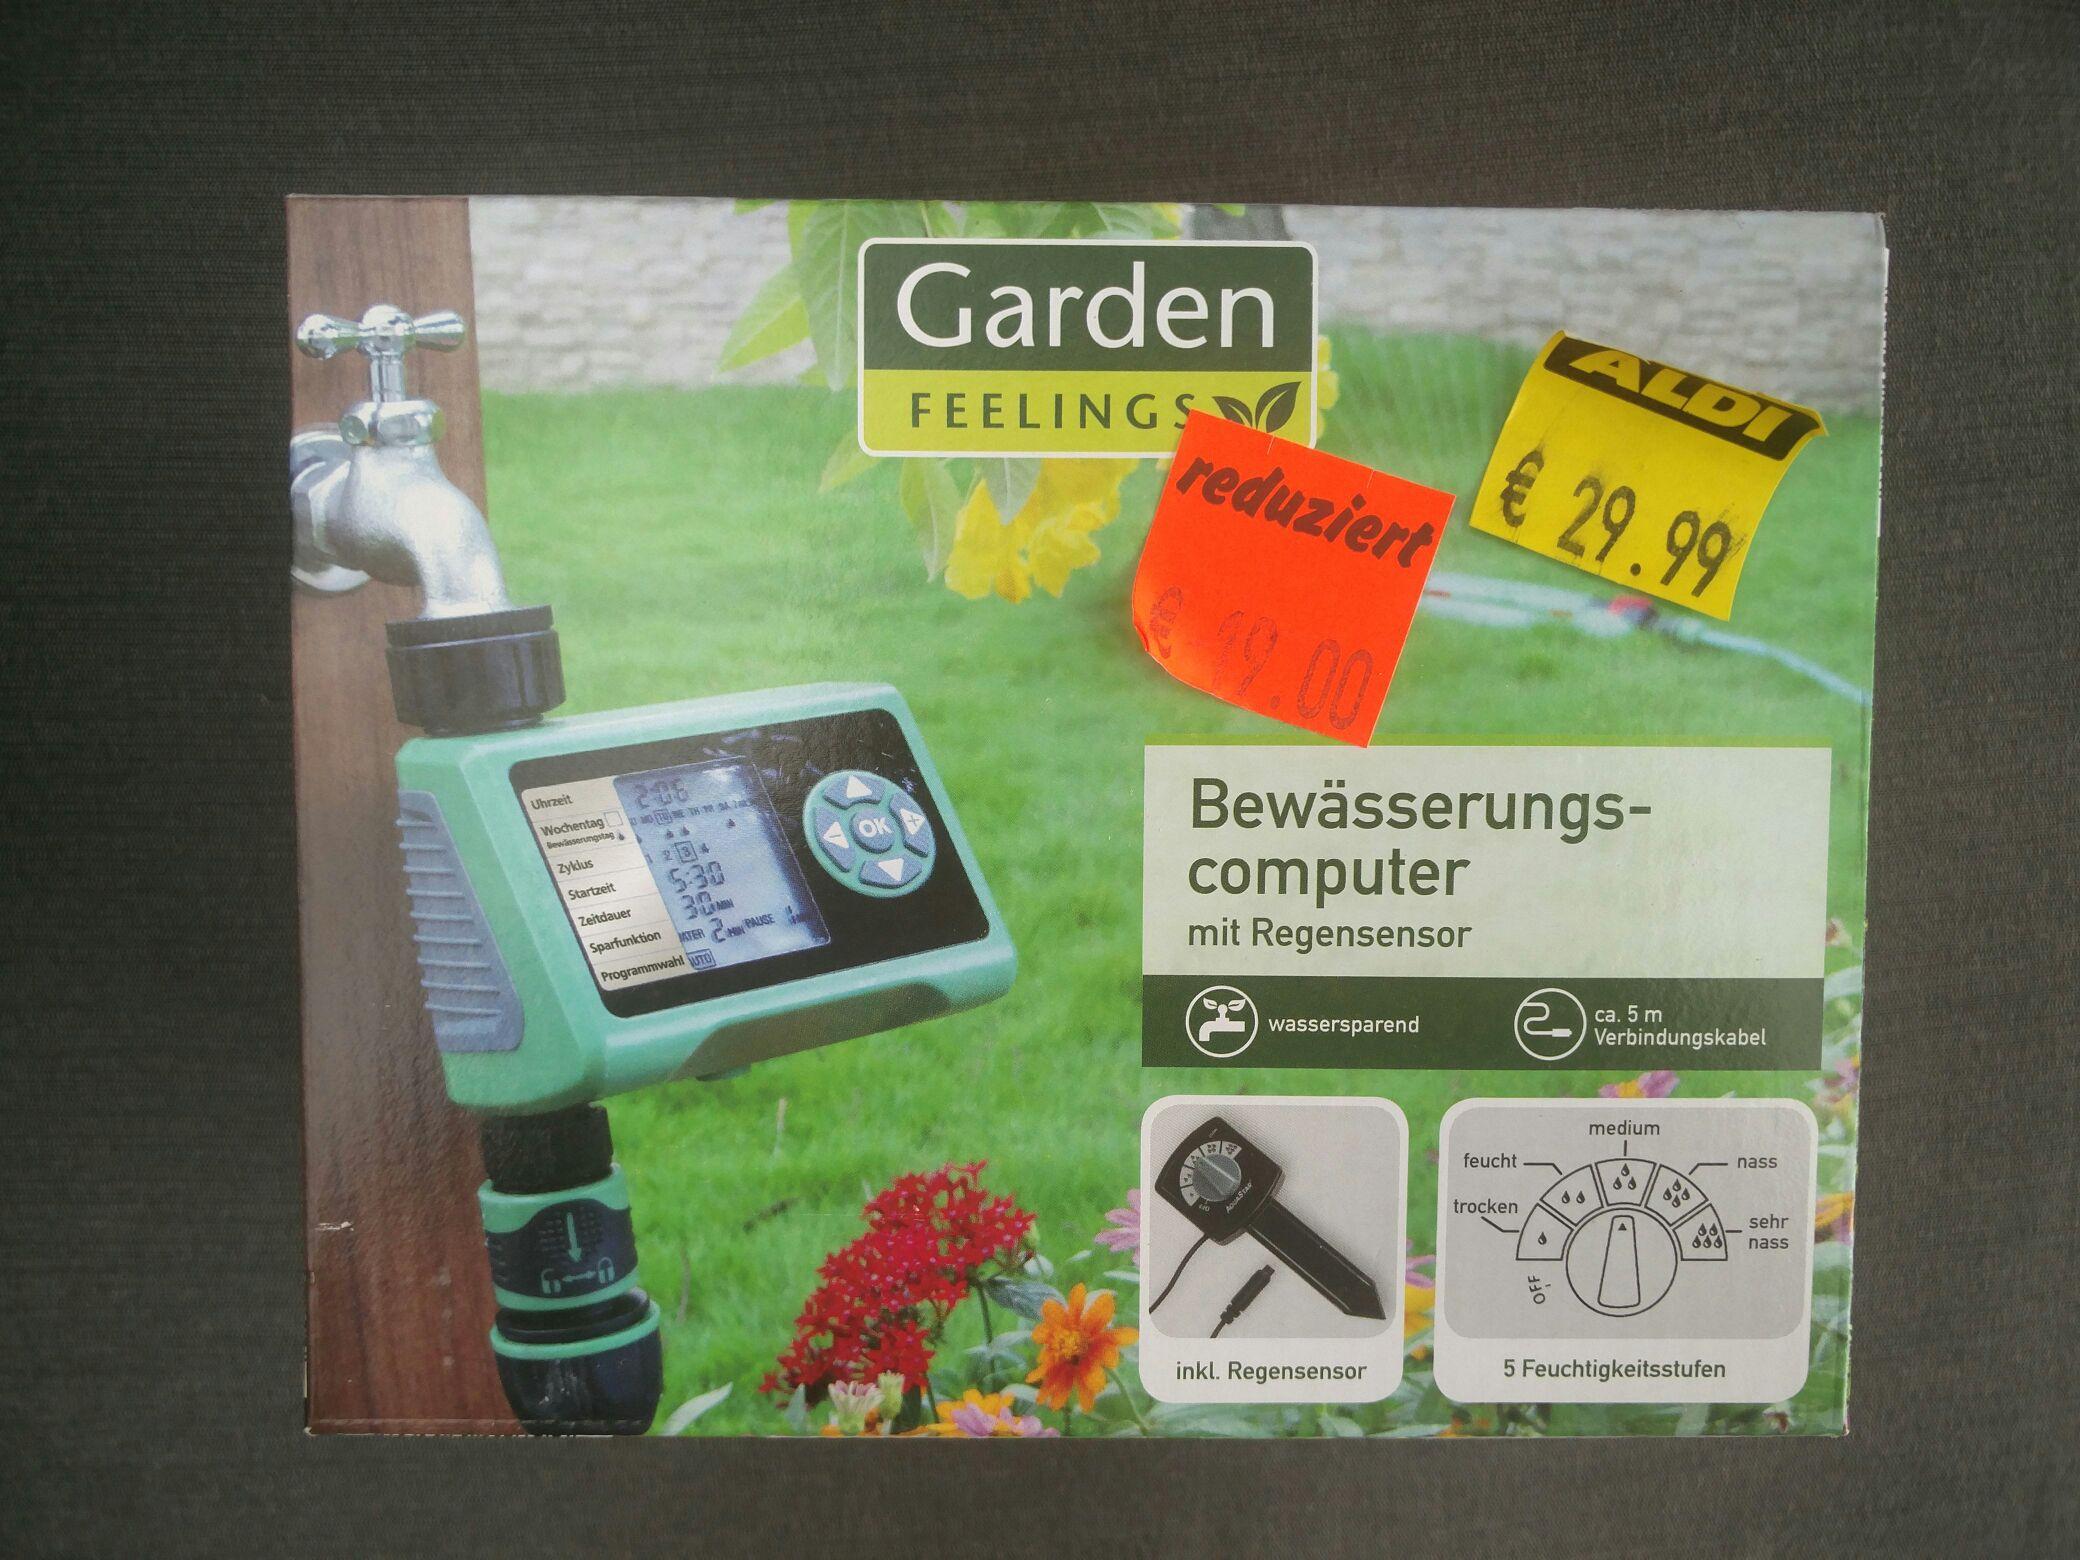 [Lokal] Aldi Nord (Bad Oeynhausen) Bewässerungs-Computer